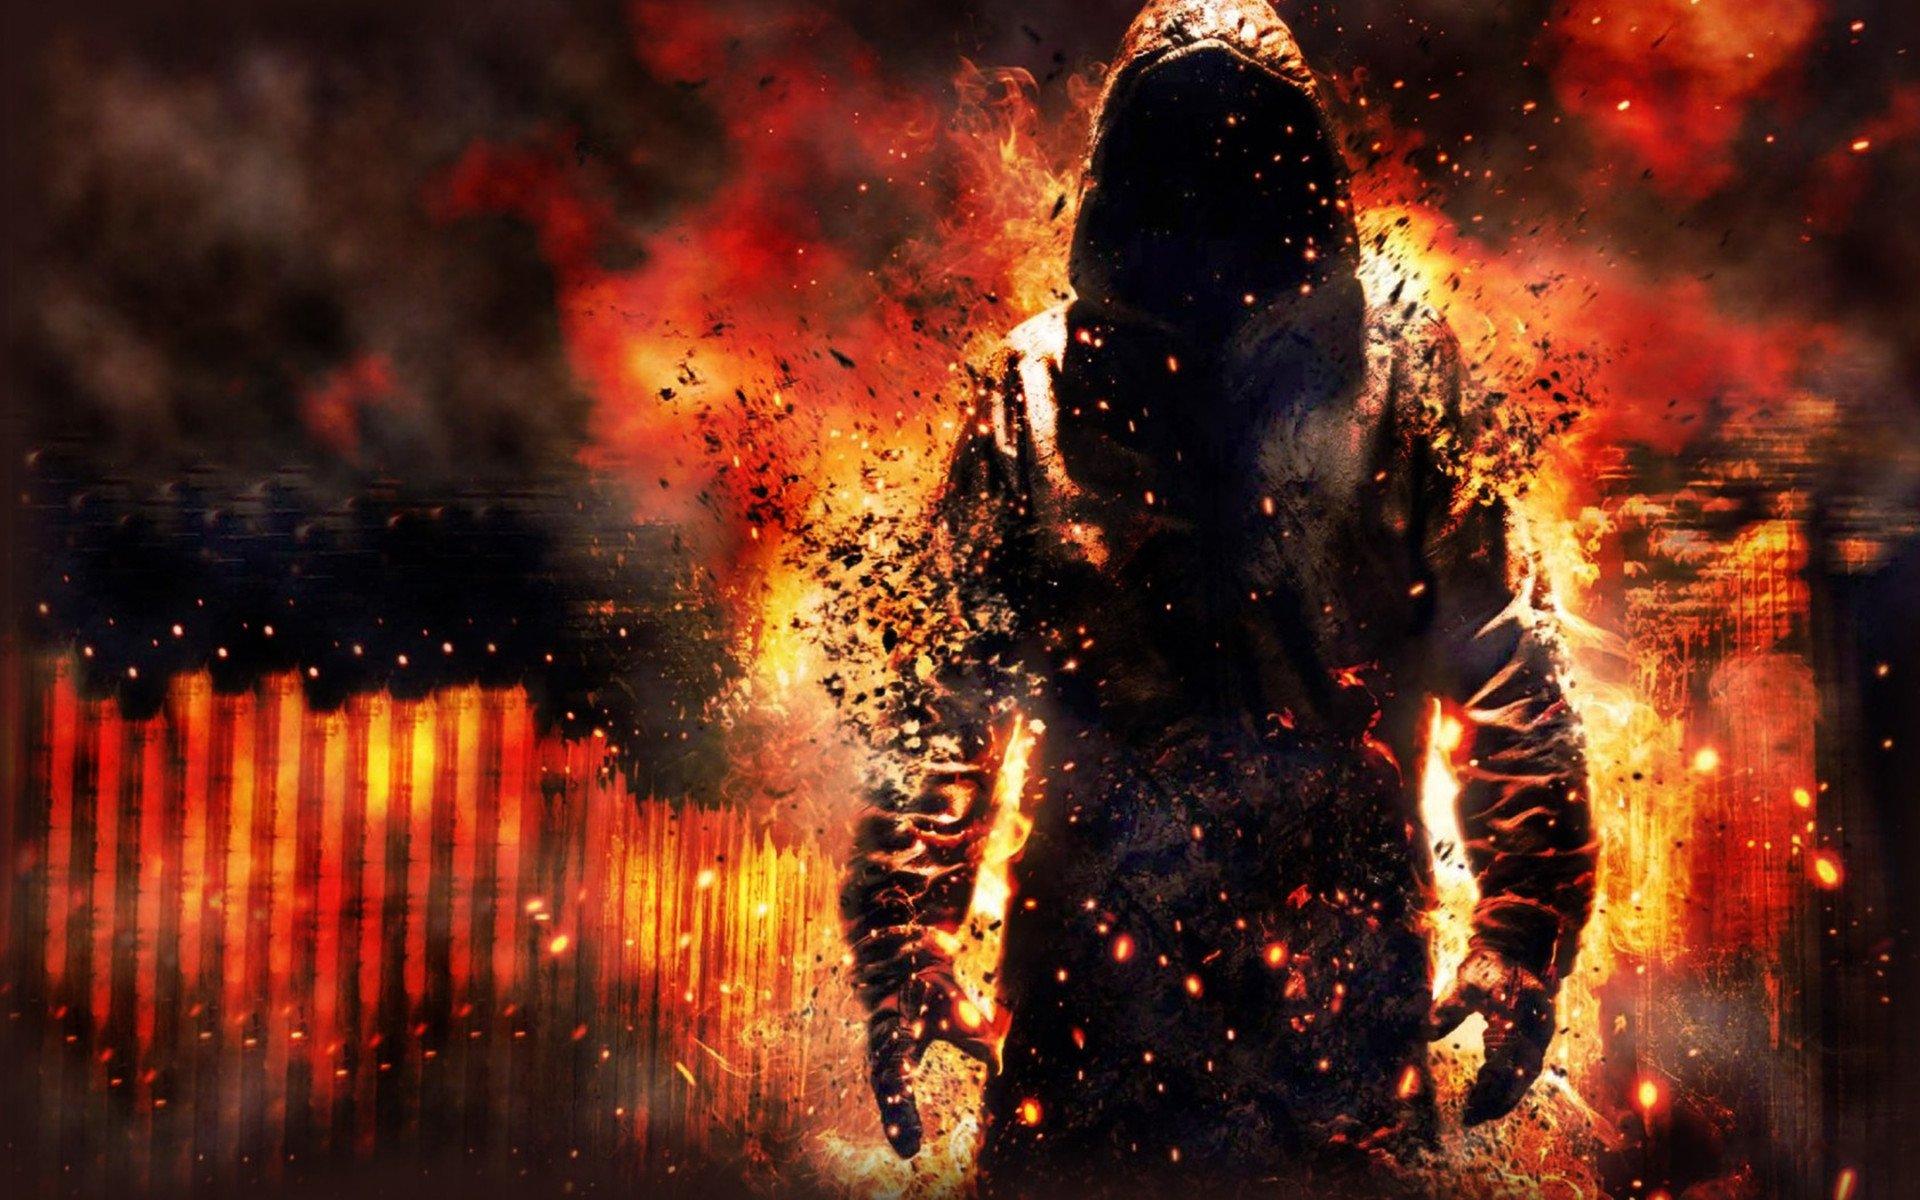 ateş içindeki adam resmi